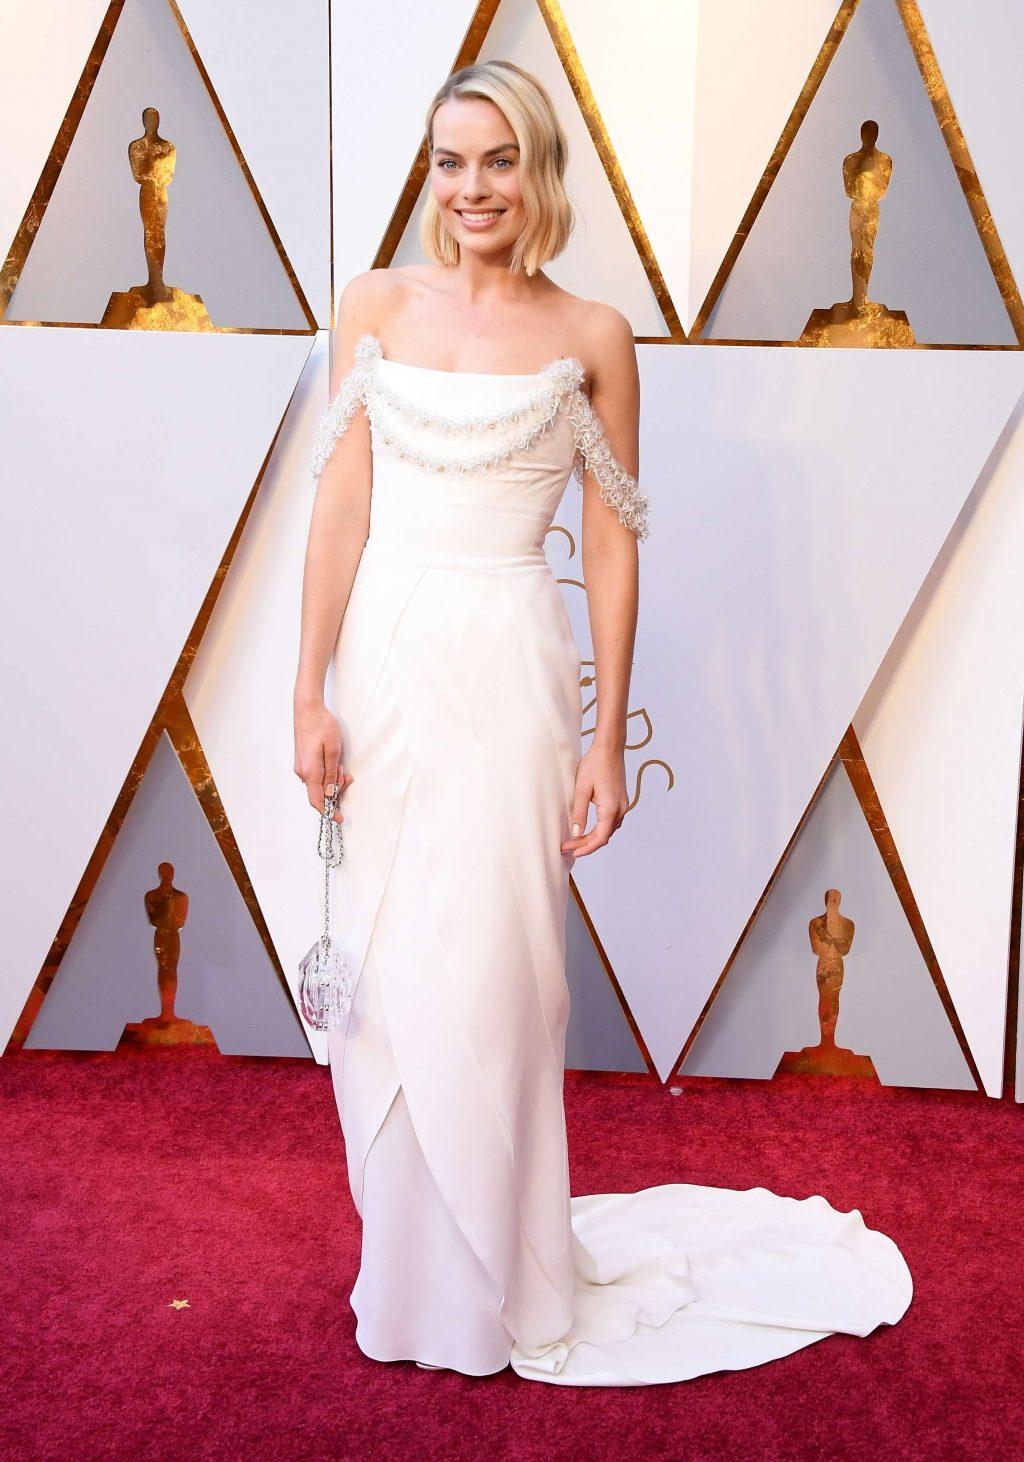 Bí mật đằng sau những bộ cánh lộng lẫy trên thảm đỏ Oscar 7